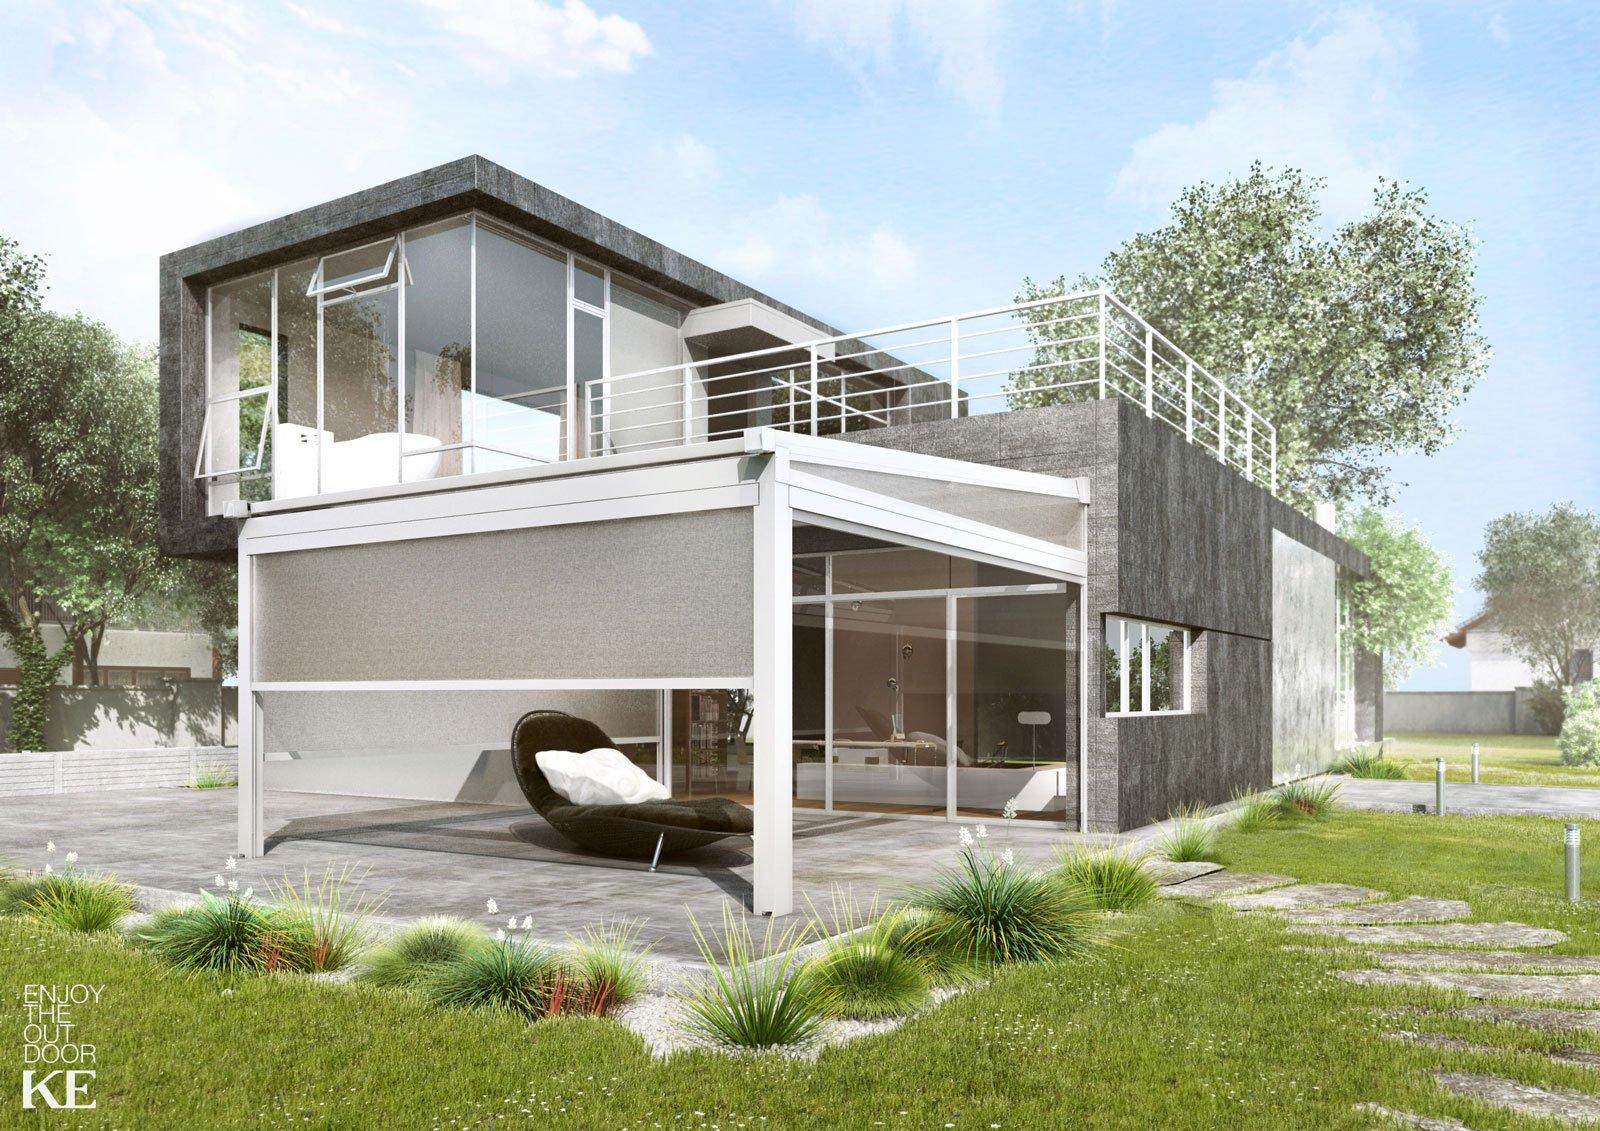 Tende e protezioni per il sole per una stanza in pi all for Design moderno garage indipendente